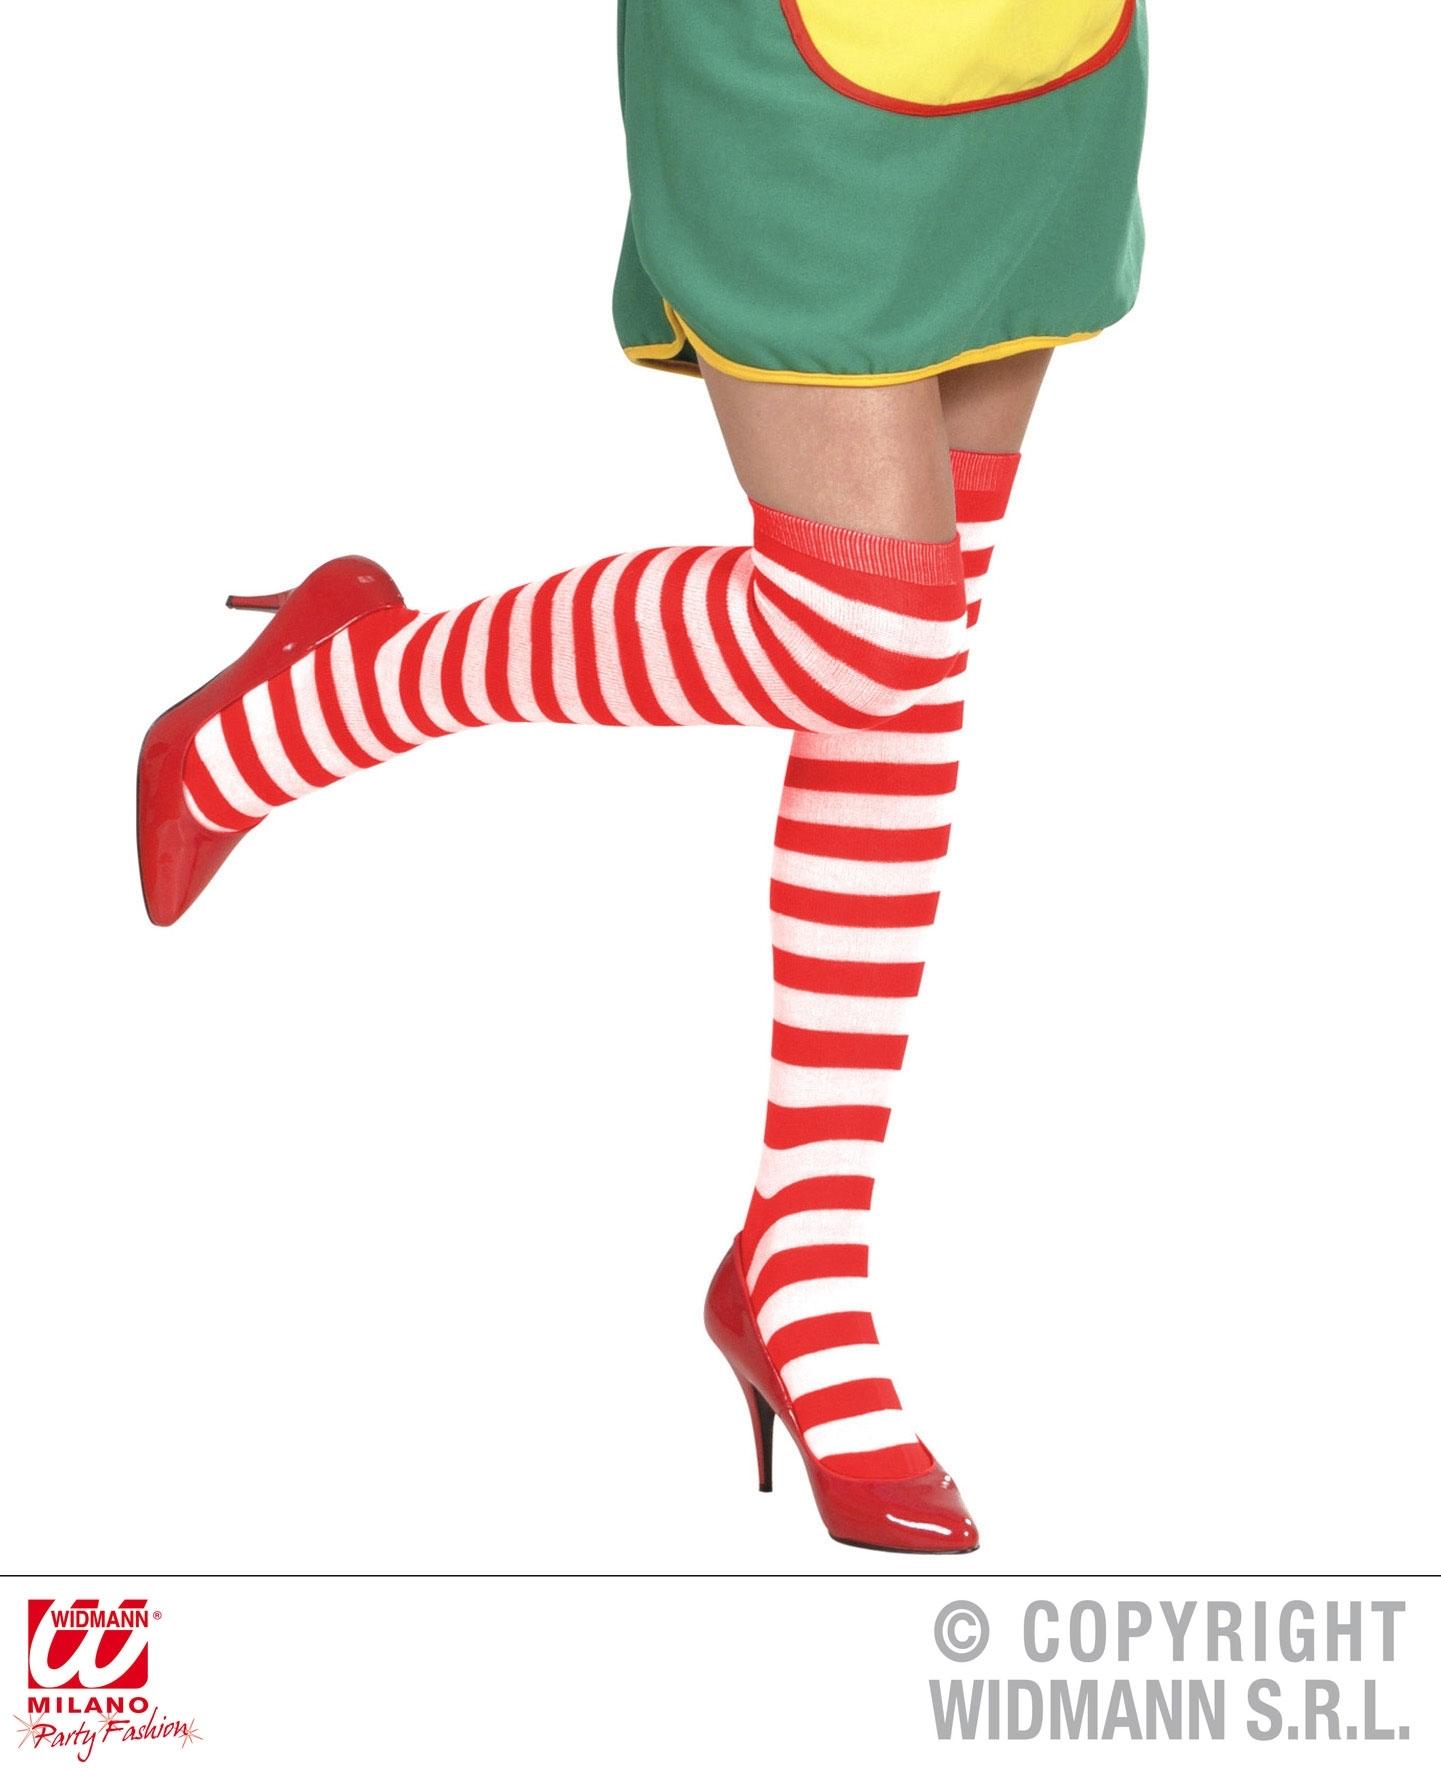 Αποκριάτικες Κάλτσες Ριγέ Κόκκινο Λευκό 64εκ  423a3266ae4